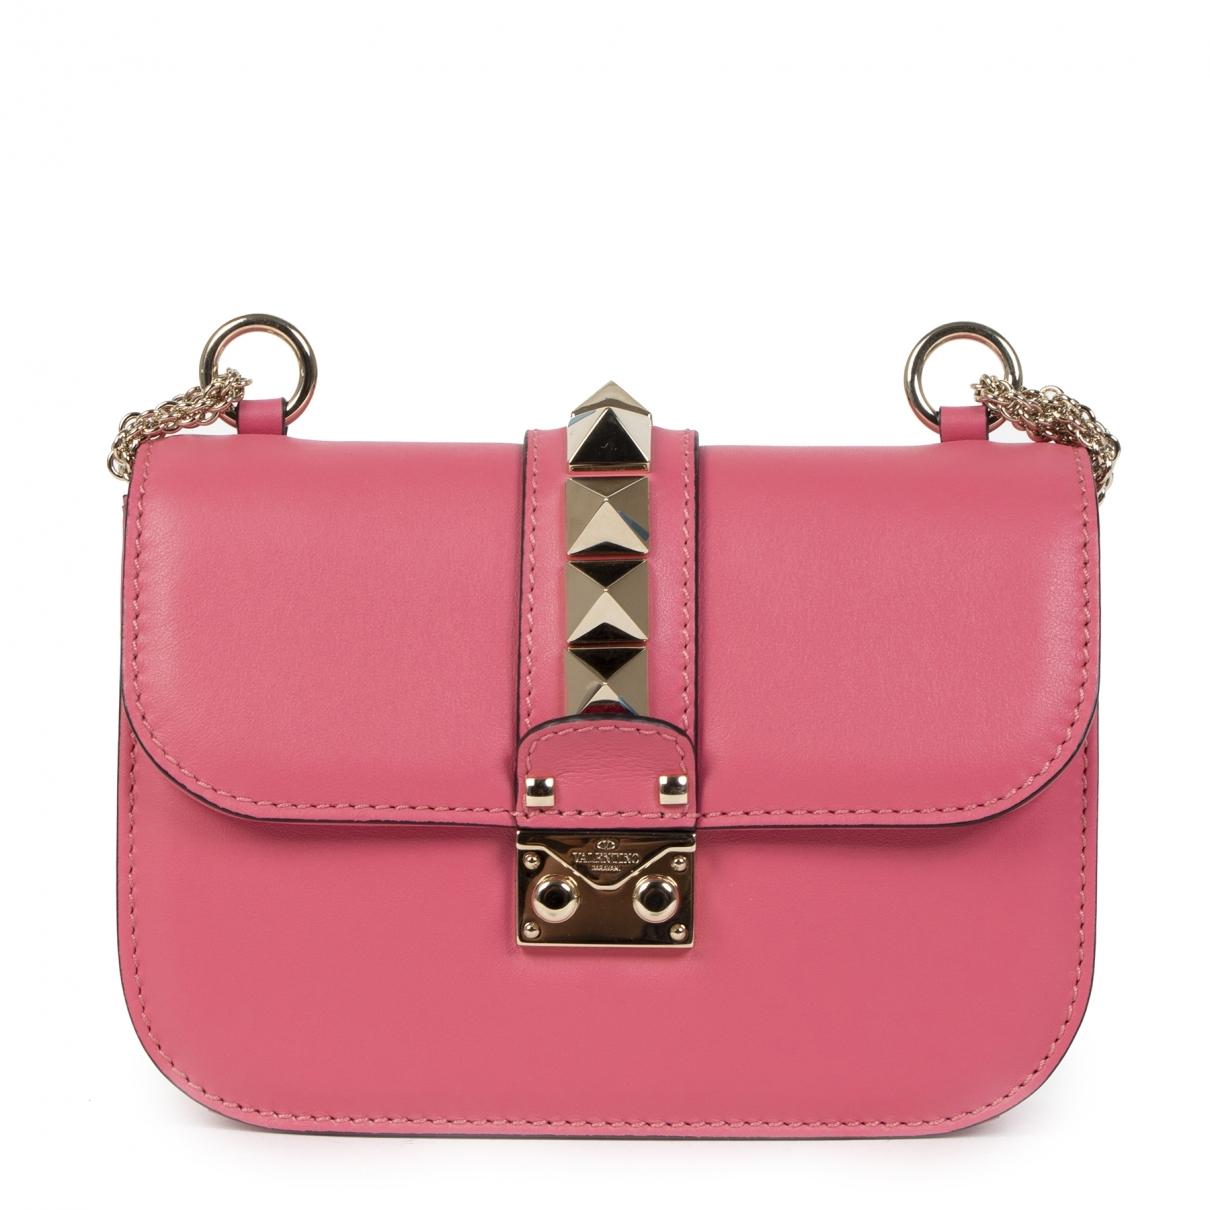 Valentino Garavani Glam Lock Handtasche in  Rosa Leder